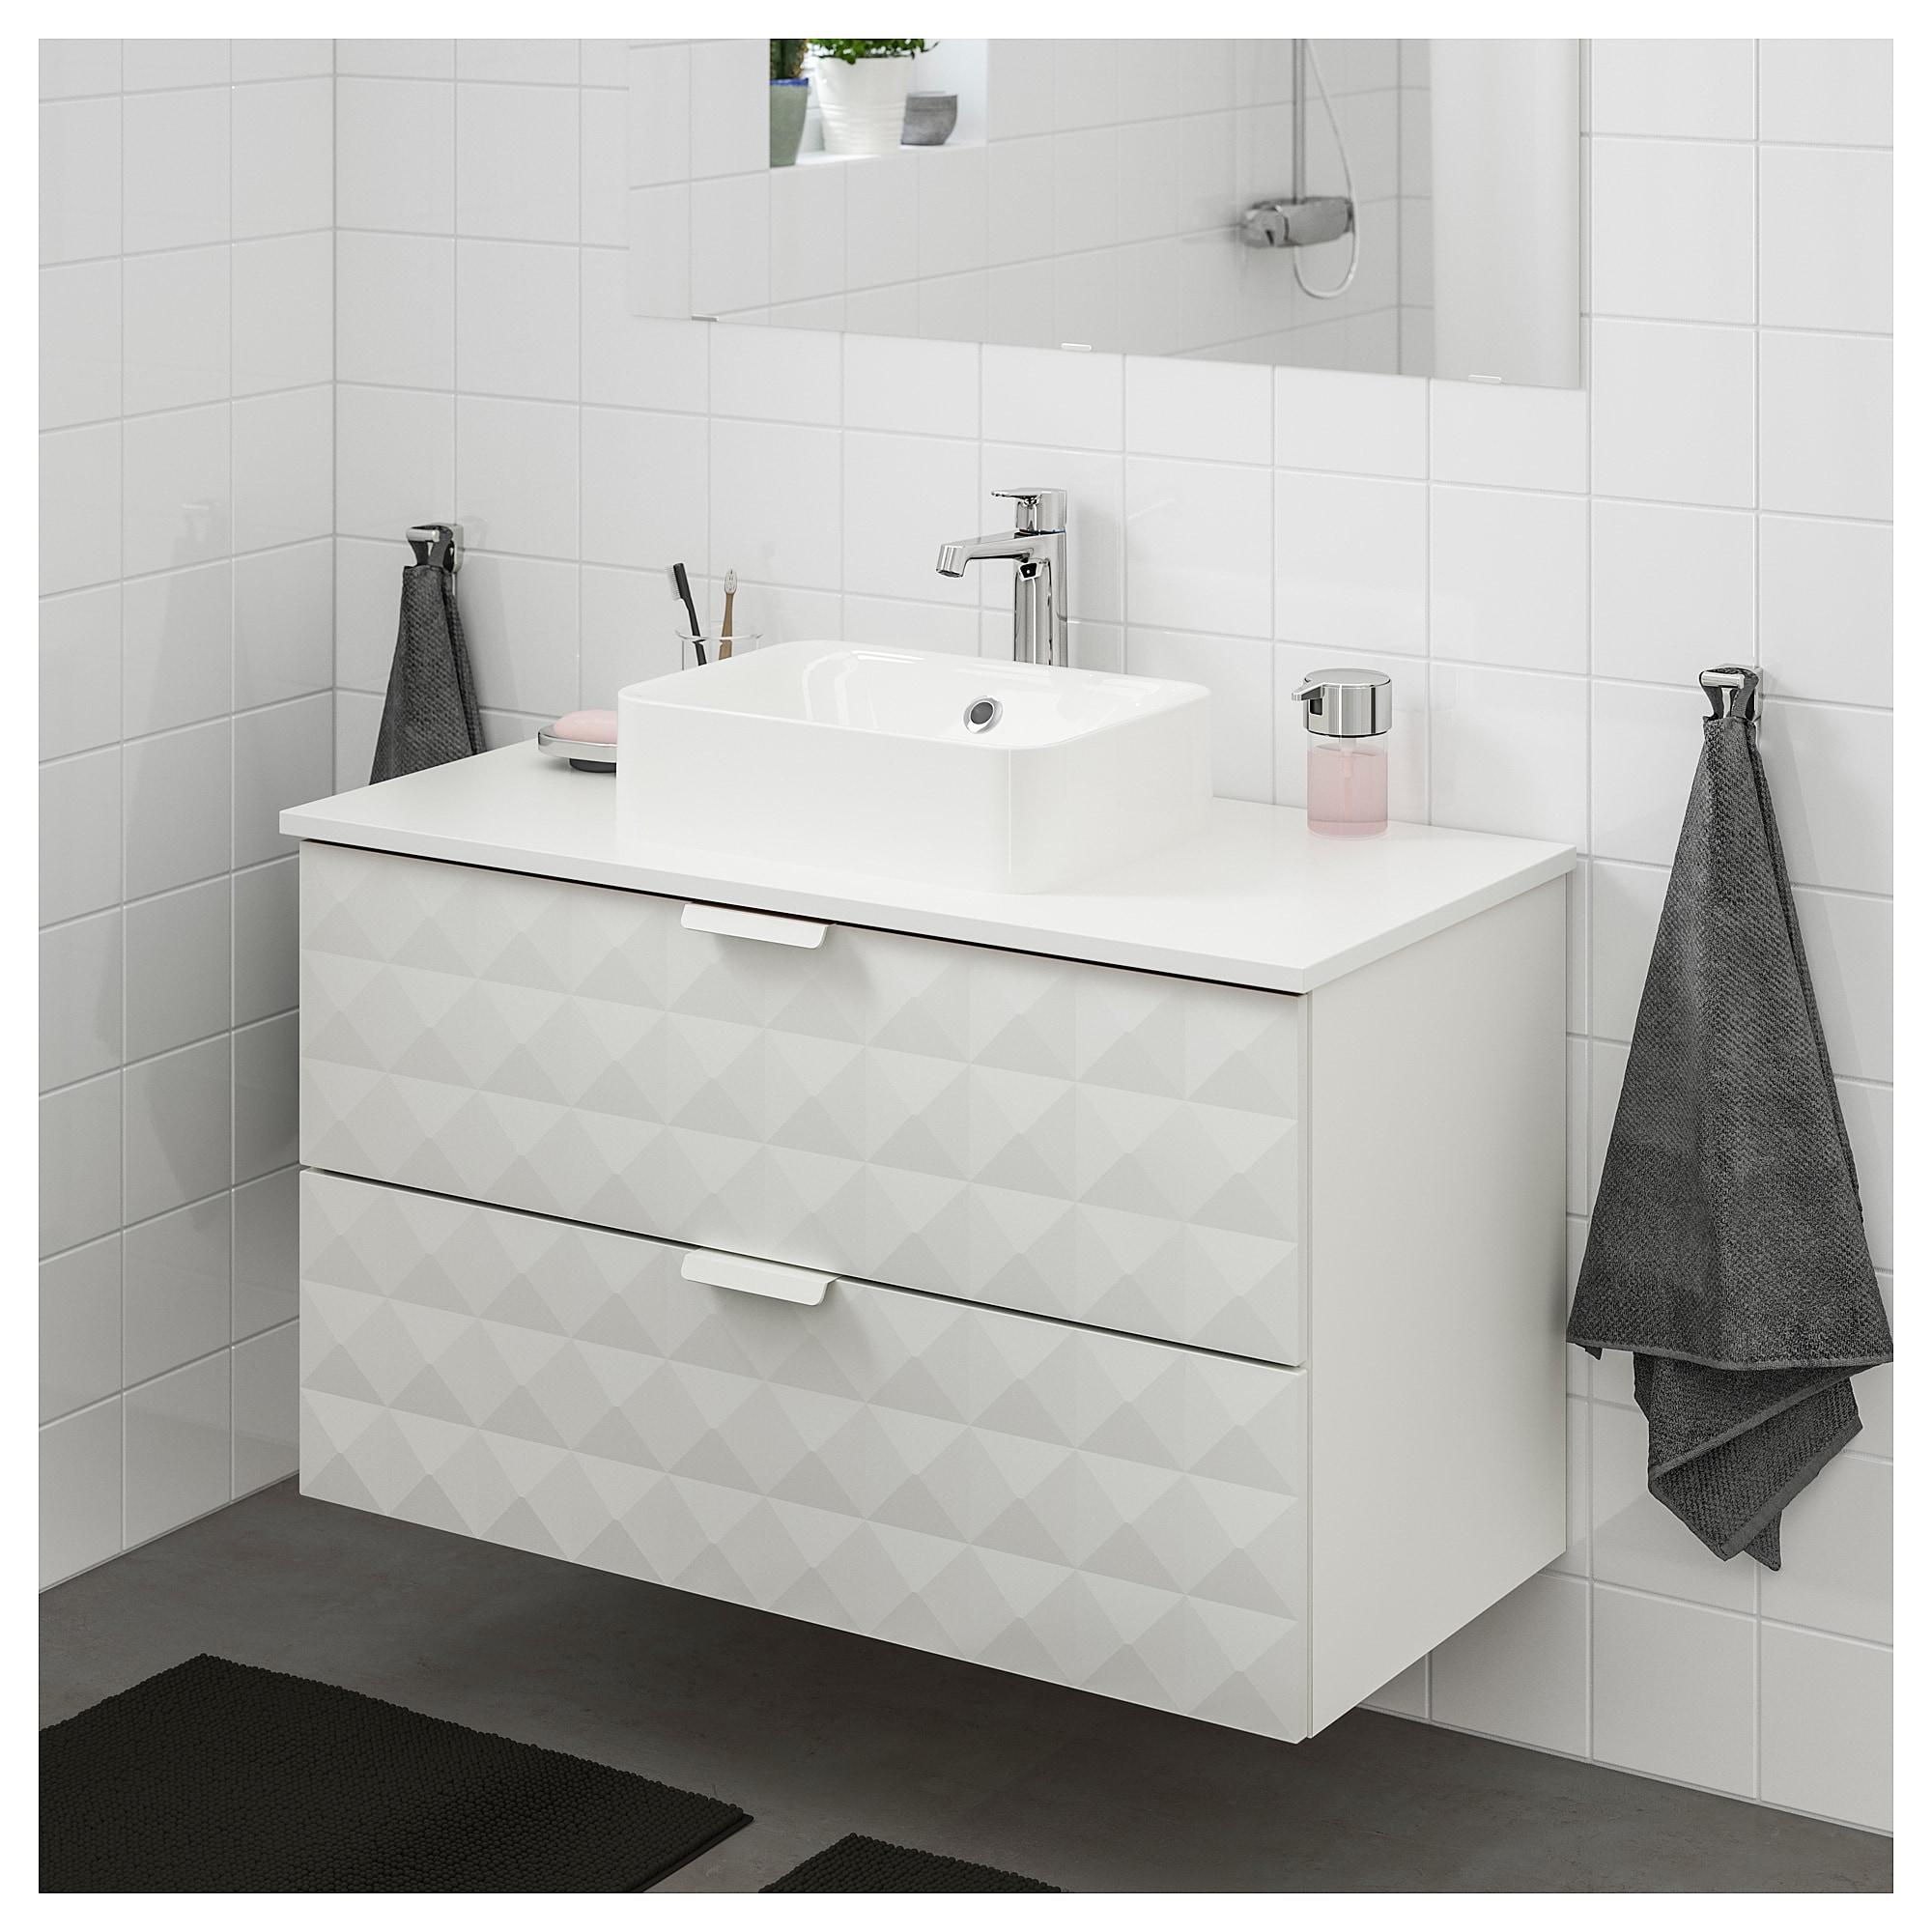 Godmorgon Tolken Horvik Waschbeckenschr Aufsatzwaschb 45x32 Resjon Waschbeckenschrank Waschbeckenunterschrank Urtumliche Badezimmer